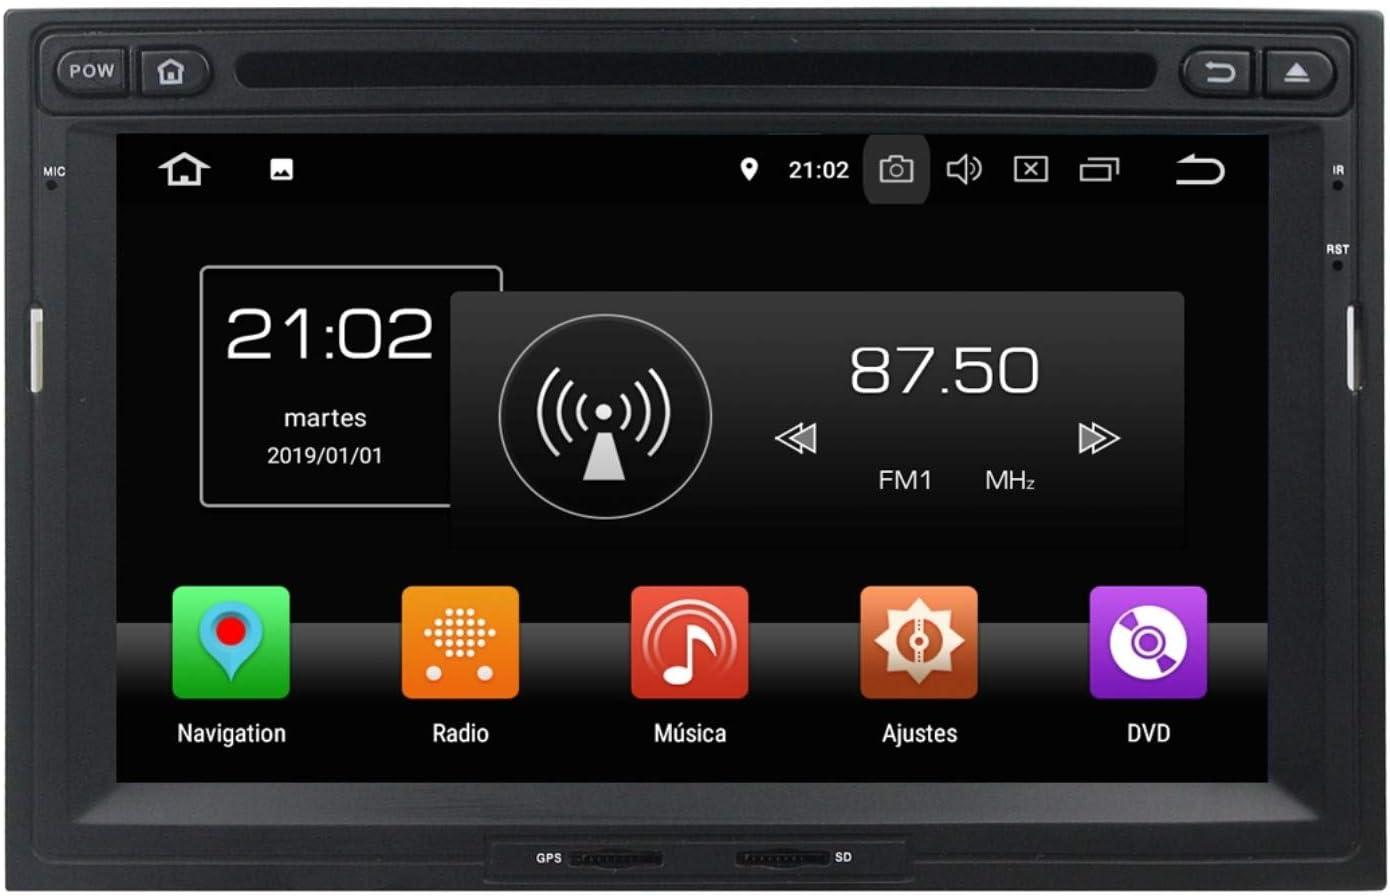 Android 8.0 Autoradio Coche para Peugeot 3008/5008(2010-2018), 4 GB RAM 32 GB ROM, 7 Pulgadas Pantalla Táctil Reproductor de DVD Radio Bluetooth Navegación GPS: Amazon.es: Electrónica